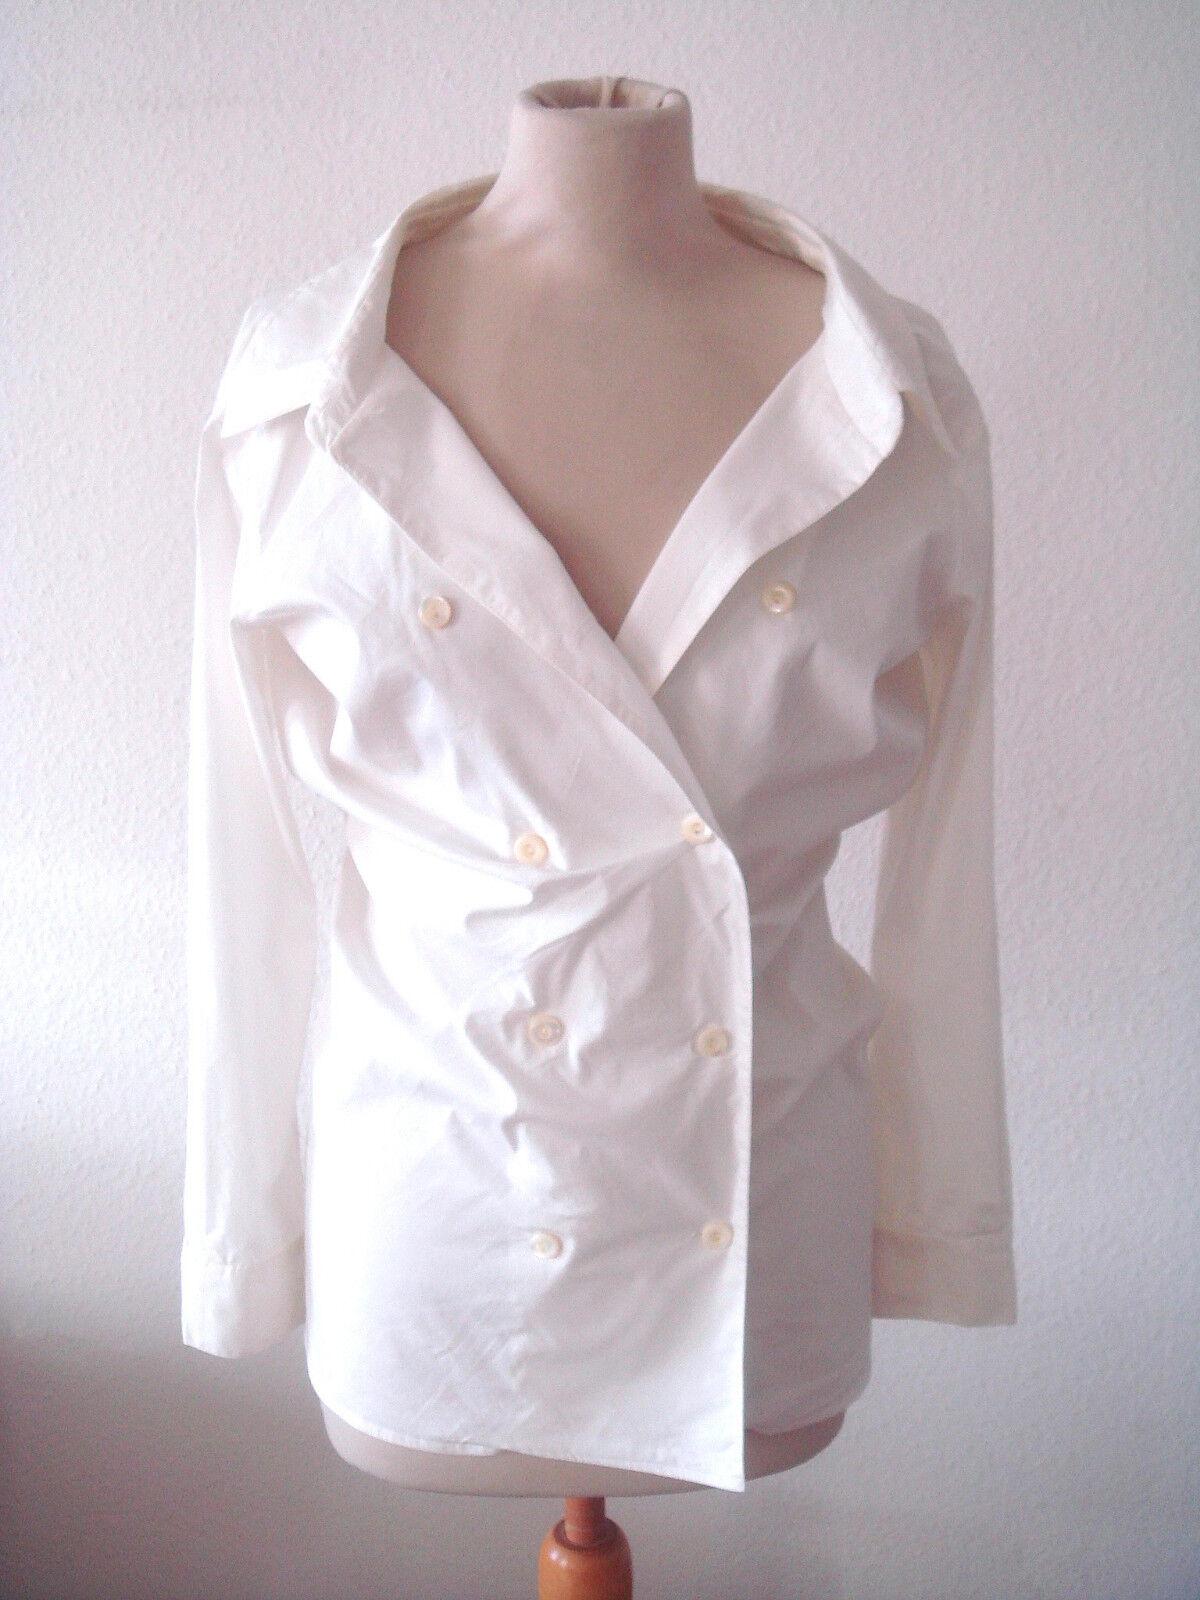 MAX MARA MAINLINE bluese Hemd Hemdbluese Fashionbluese großer Kragen white Gr.38